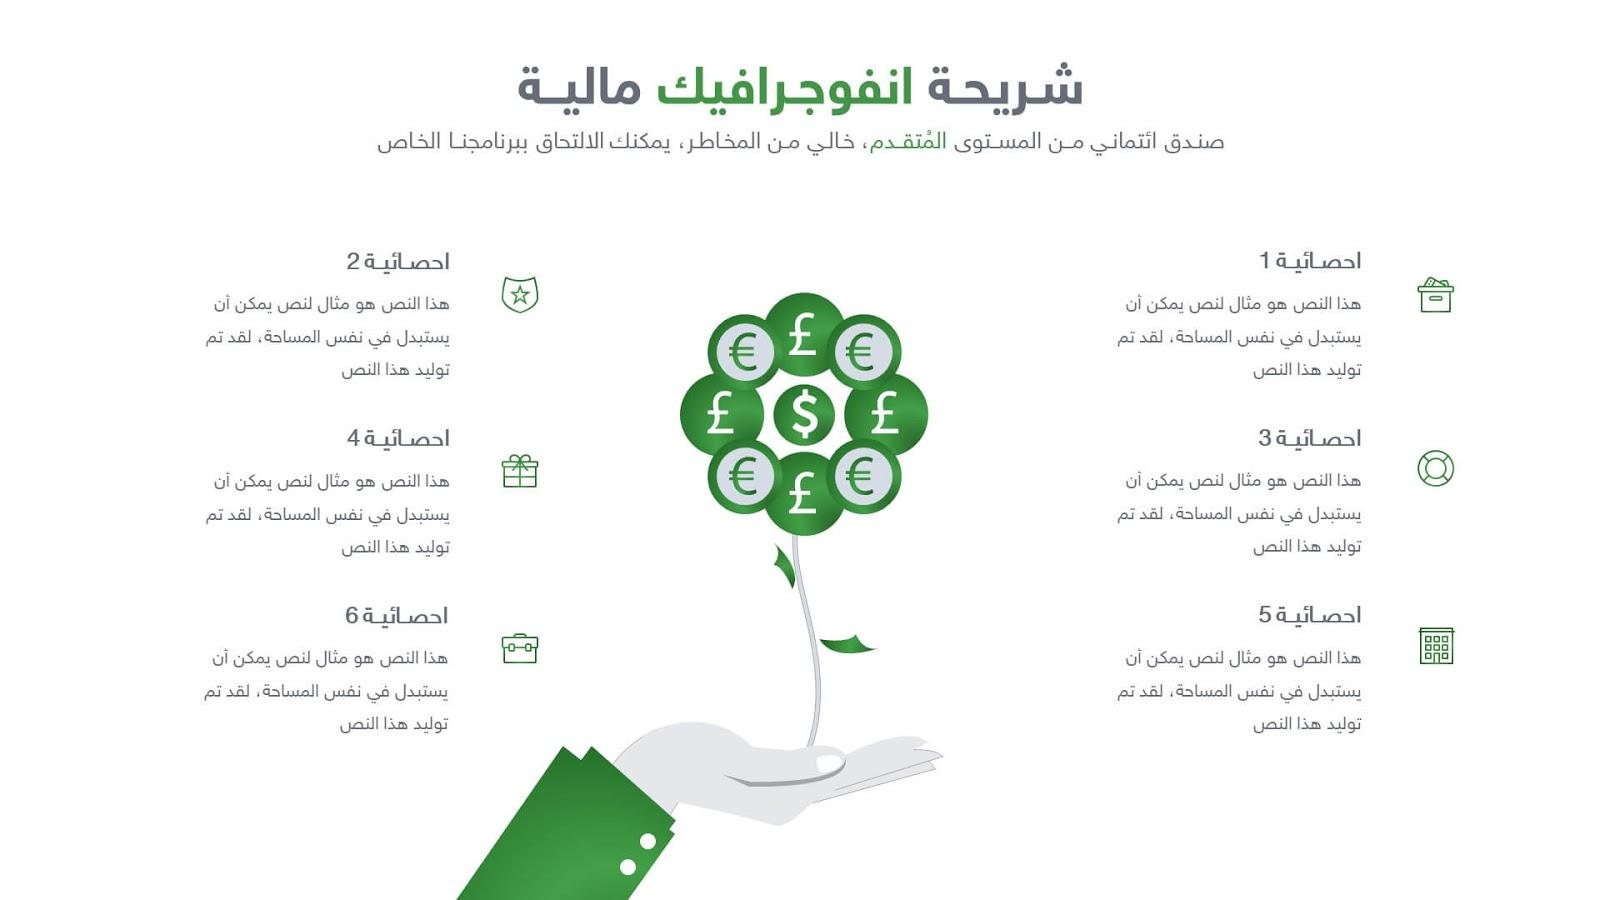 انفوجرافيك عن المال